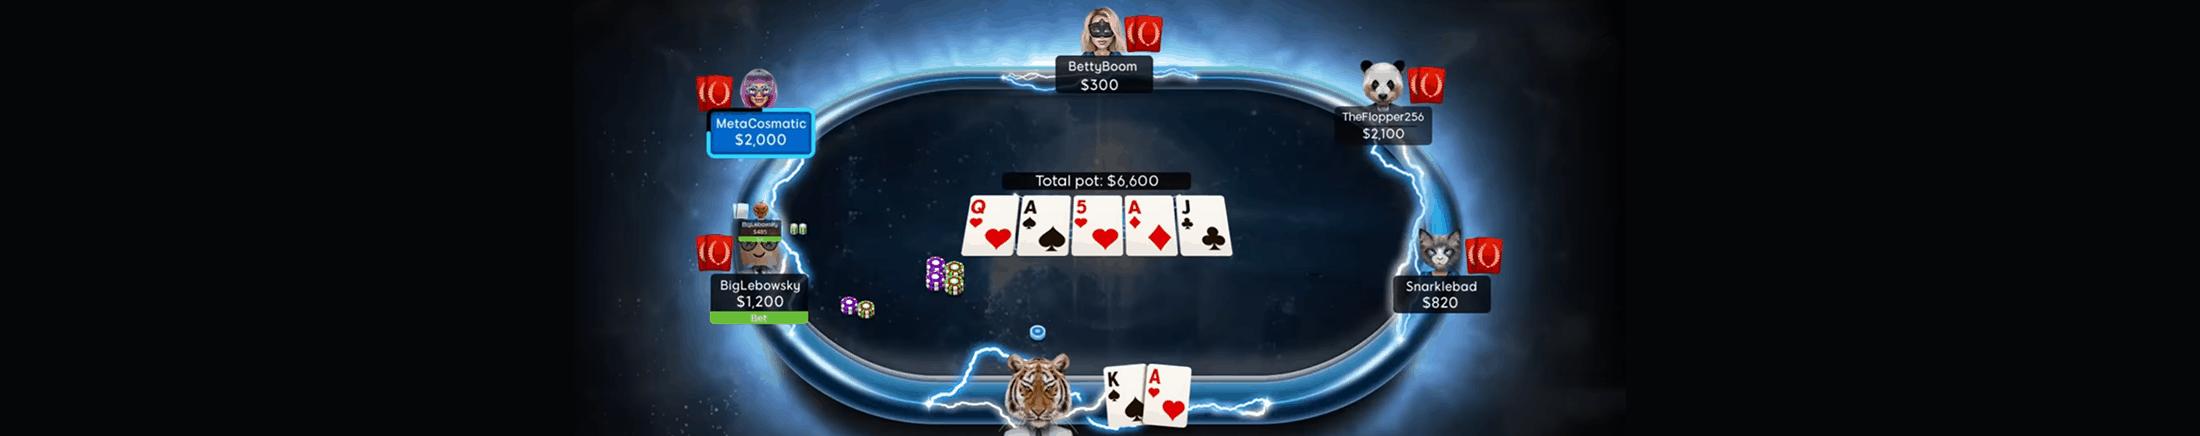 Situs Poker Online Indonesia Terbesar & Banyak Bonusnya